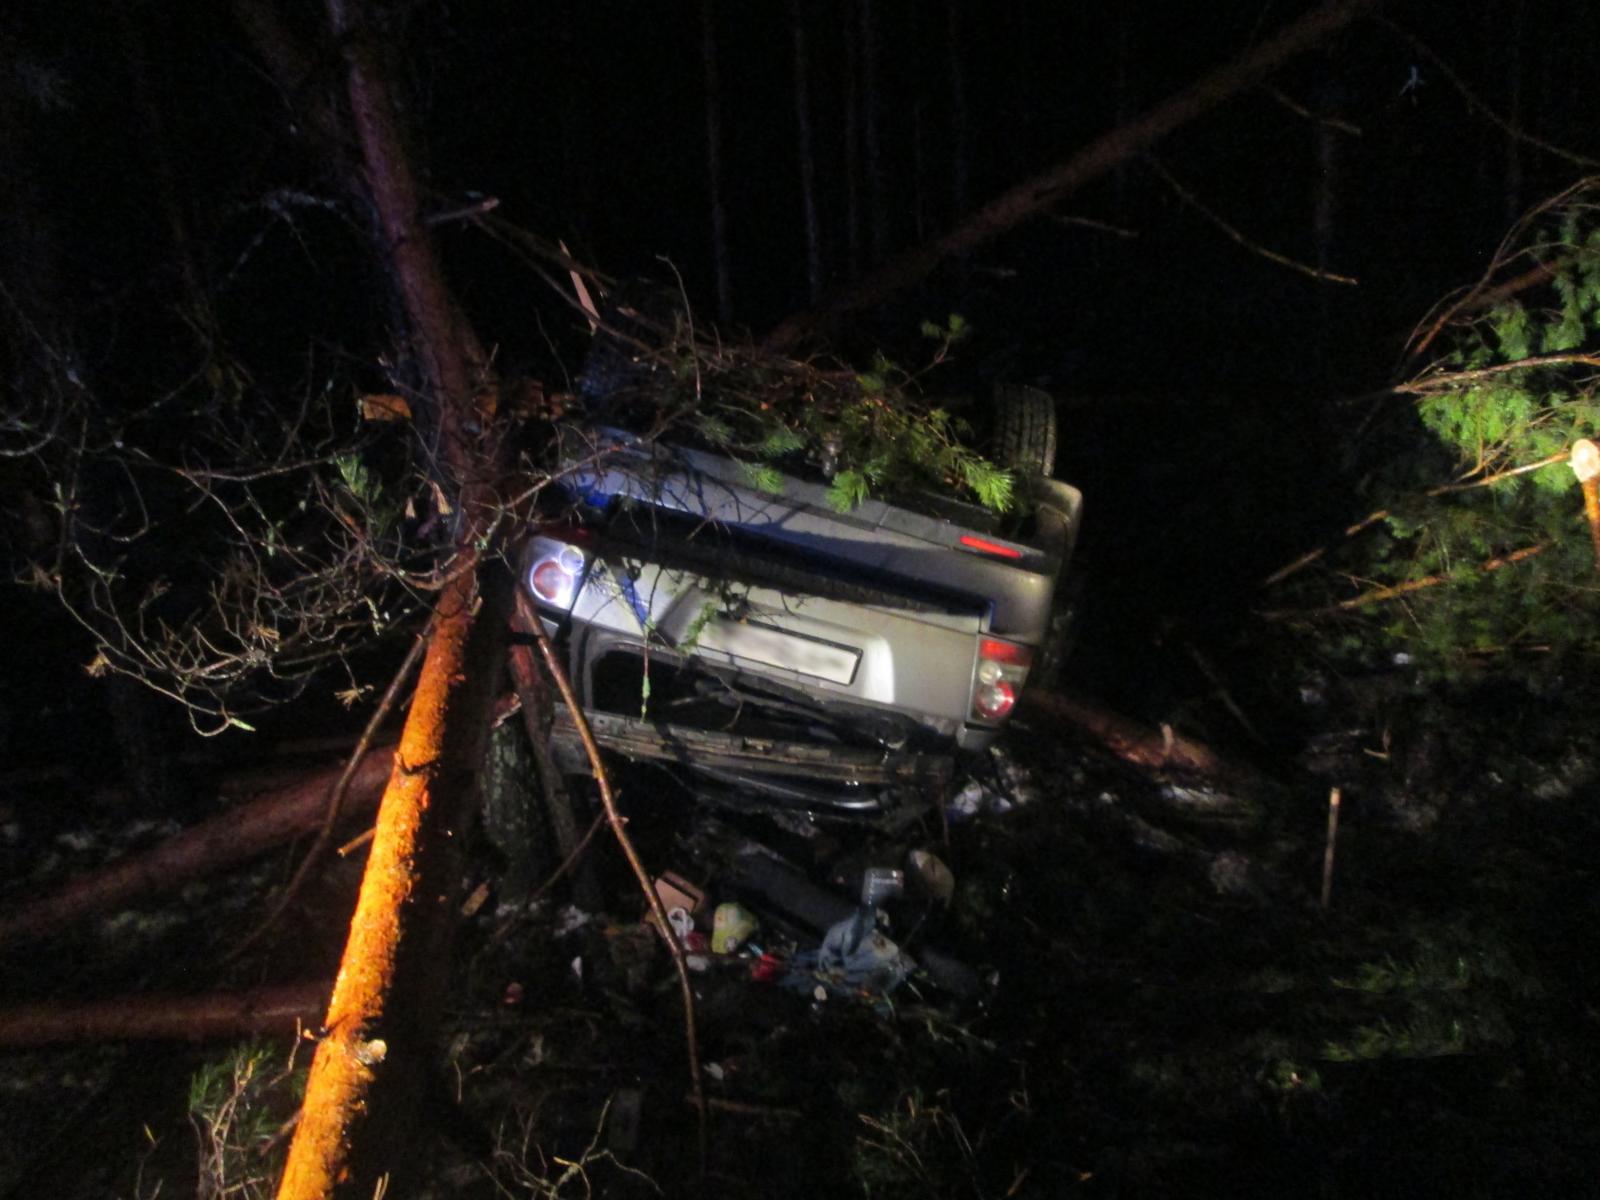 Под Ярославлем пьяный водитель «Ленд Ровера» перевернулся в кювет: погиб пассажир